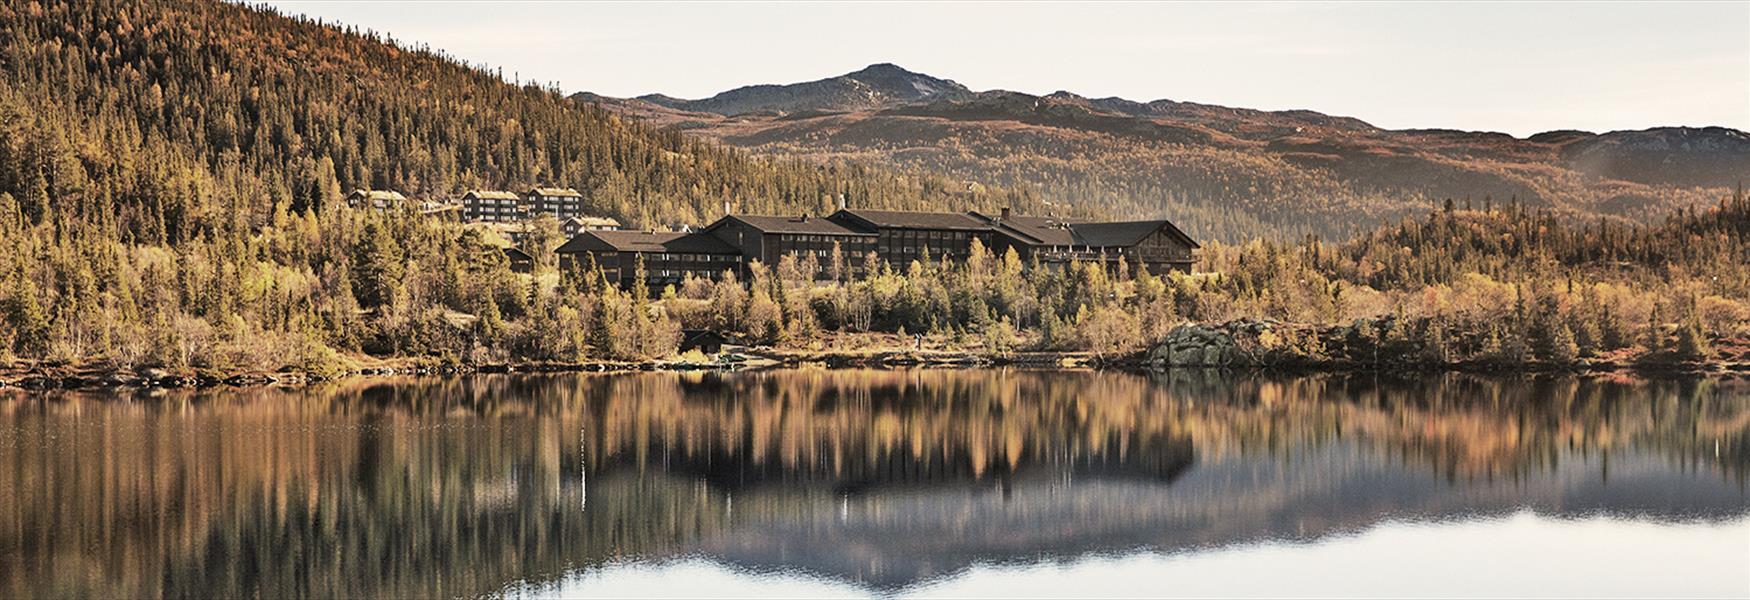 Gaustablikk Høyfjellshotel in autumn